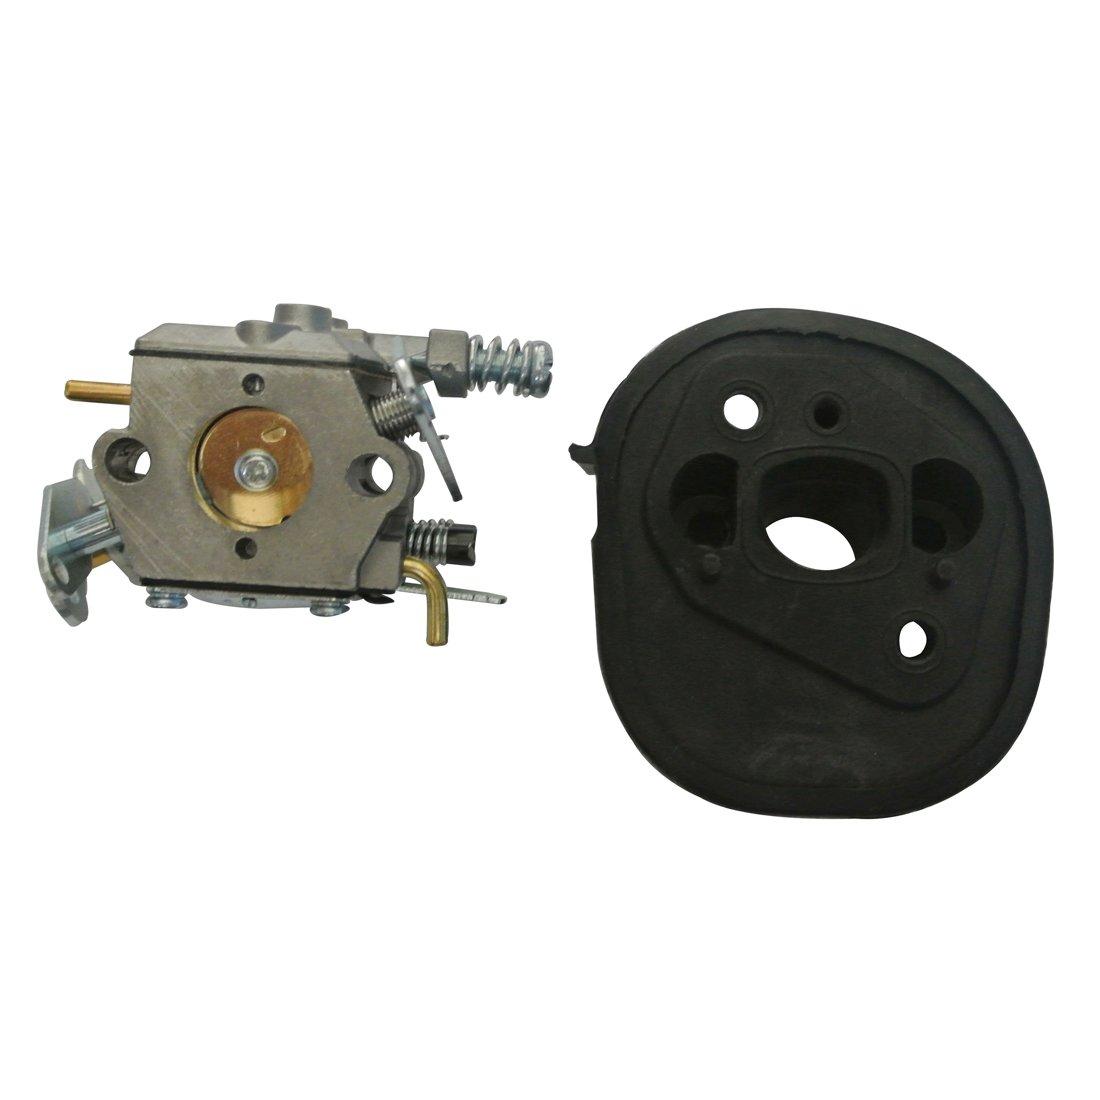 Ruichang Carburador y colector de admisi/ón Aislante Compatible con Partner 350 351 370 371 420 Motosierra